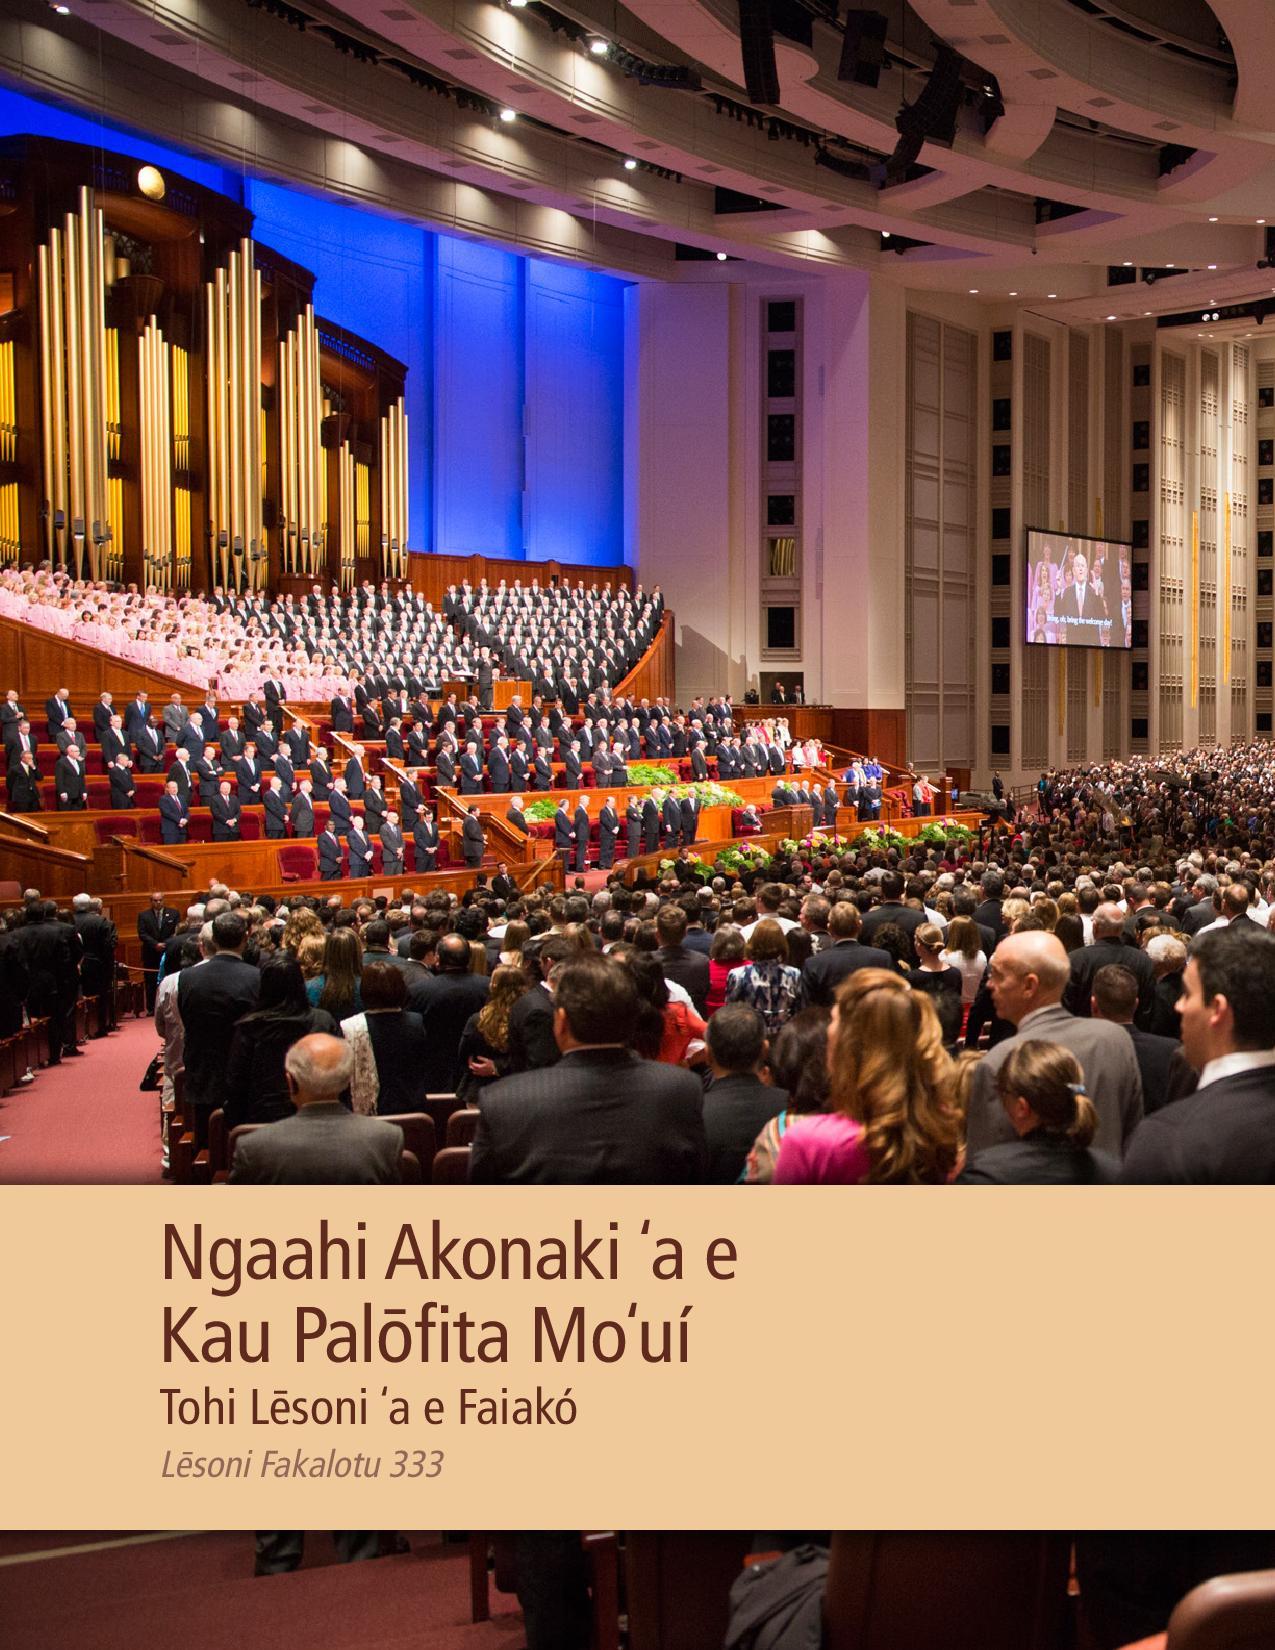 Tohi Lēsoni ʻa e Faiakó ʻi he Ngaahi Akonaki ʻa e Kau Palōfita Moʻuí